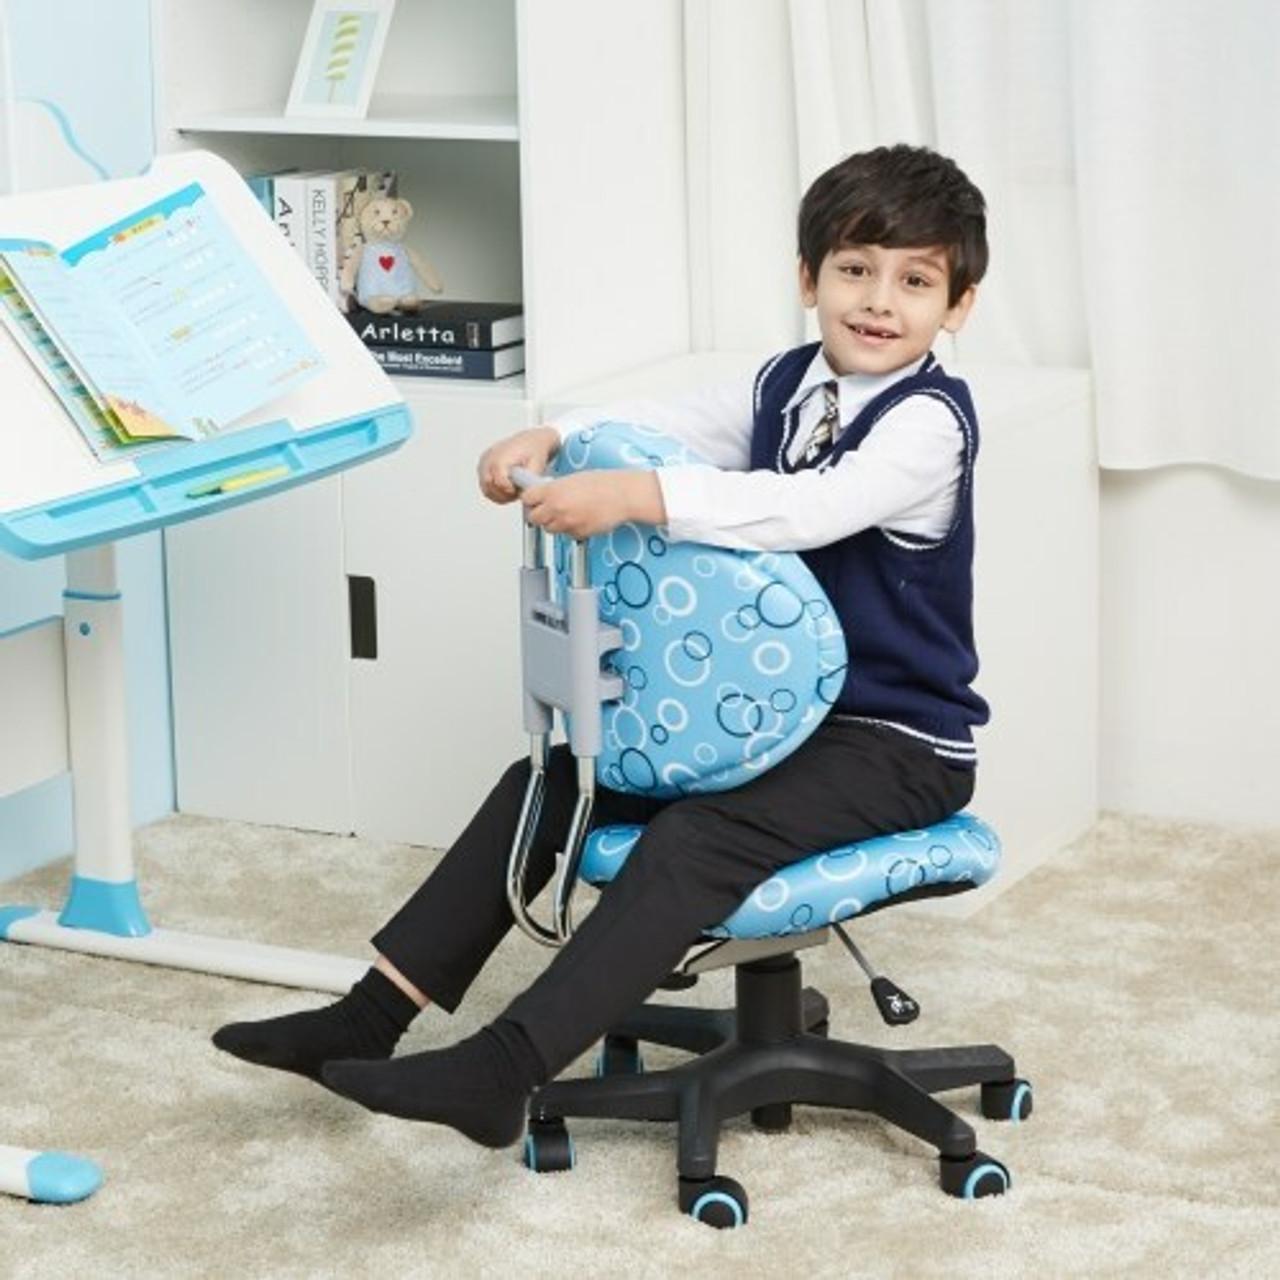 EFurnit Kids Adjustable Chair , Ergonomic Task Chair for Kids- Full-Backrest Series